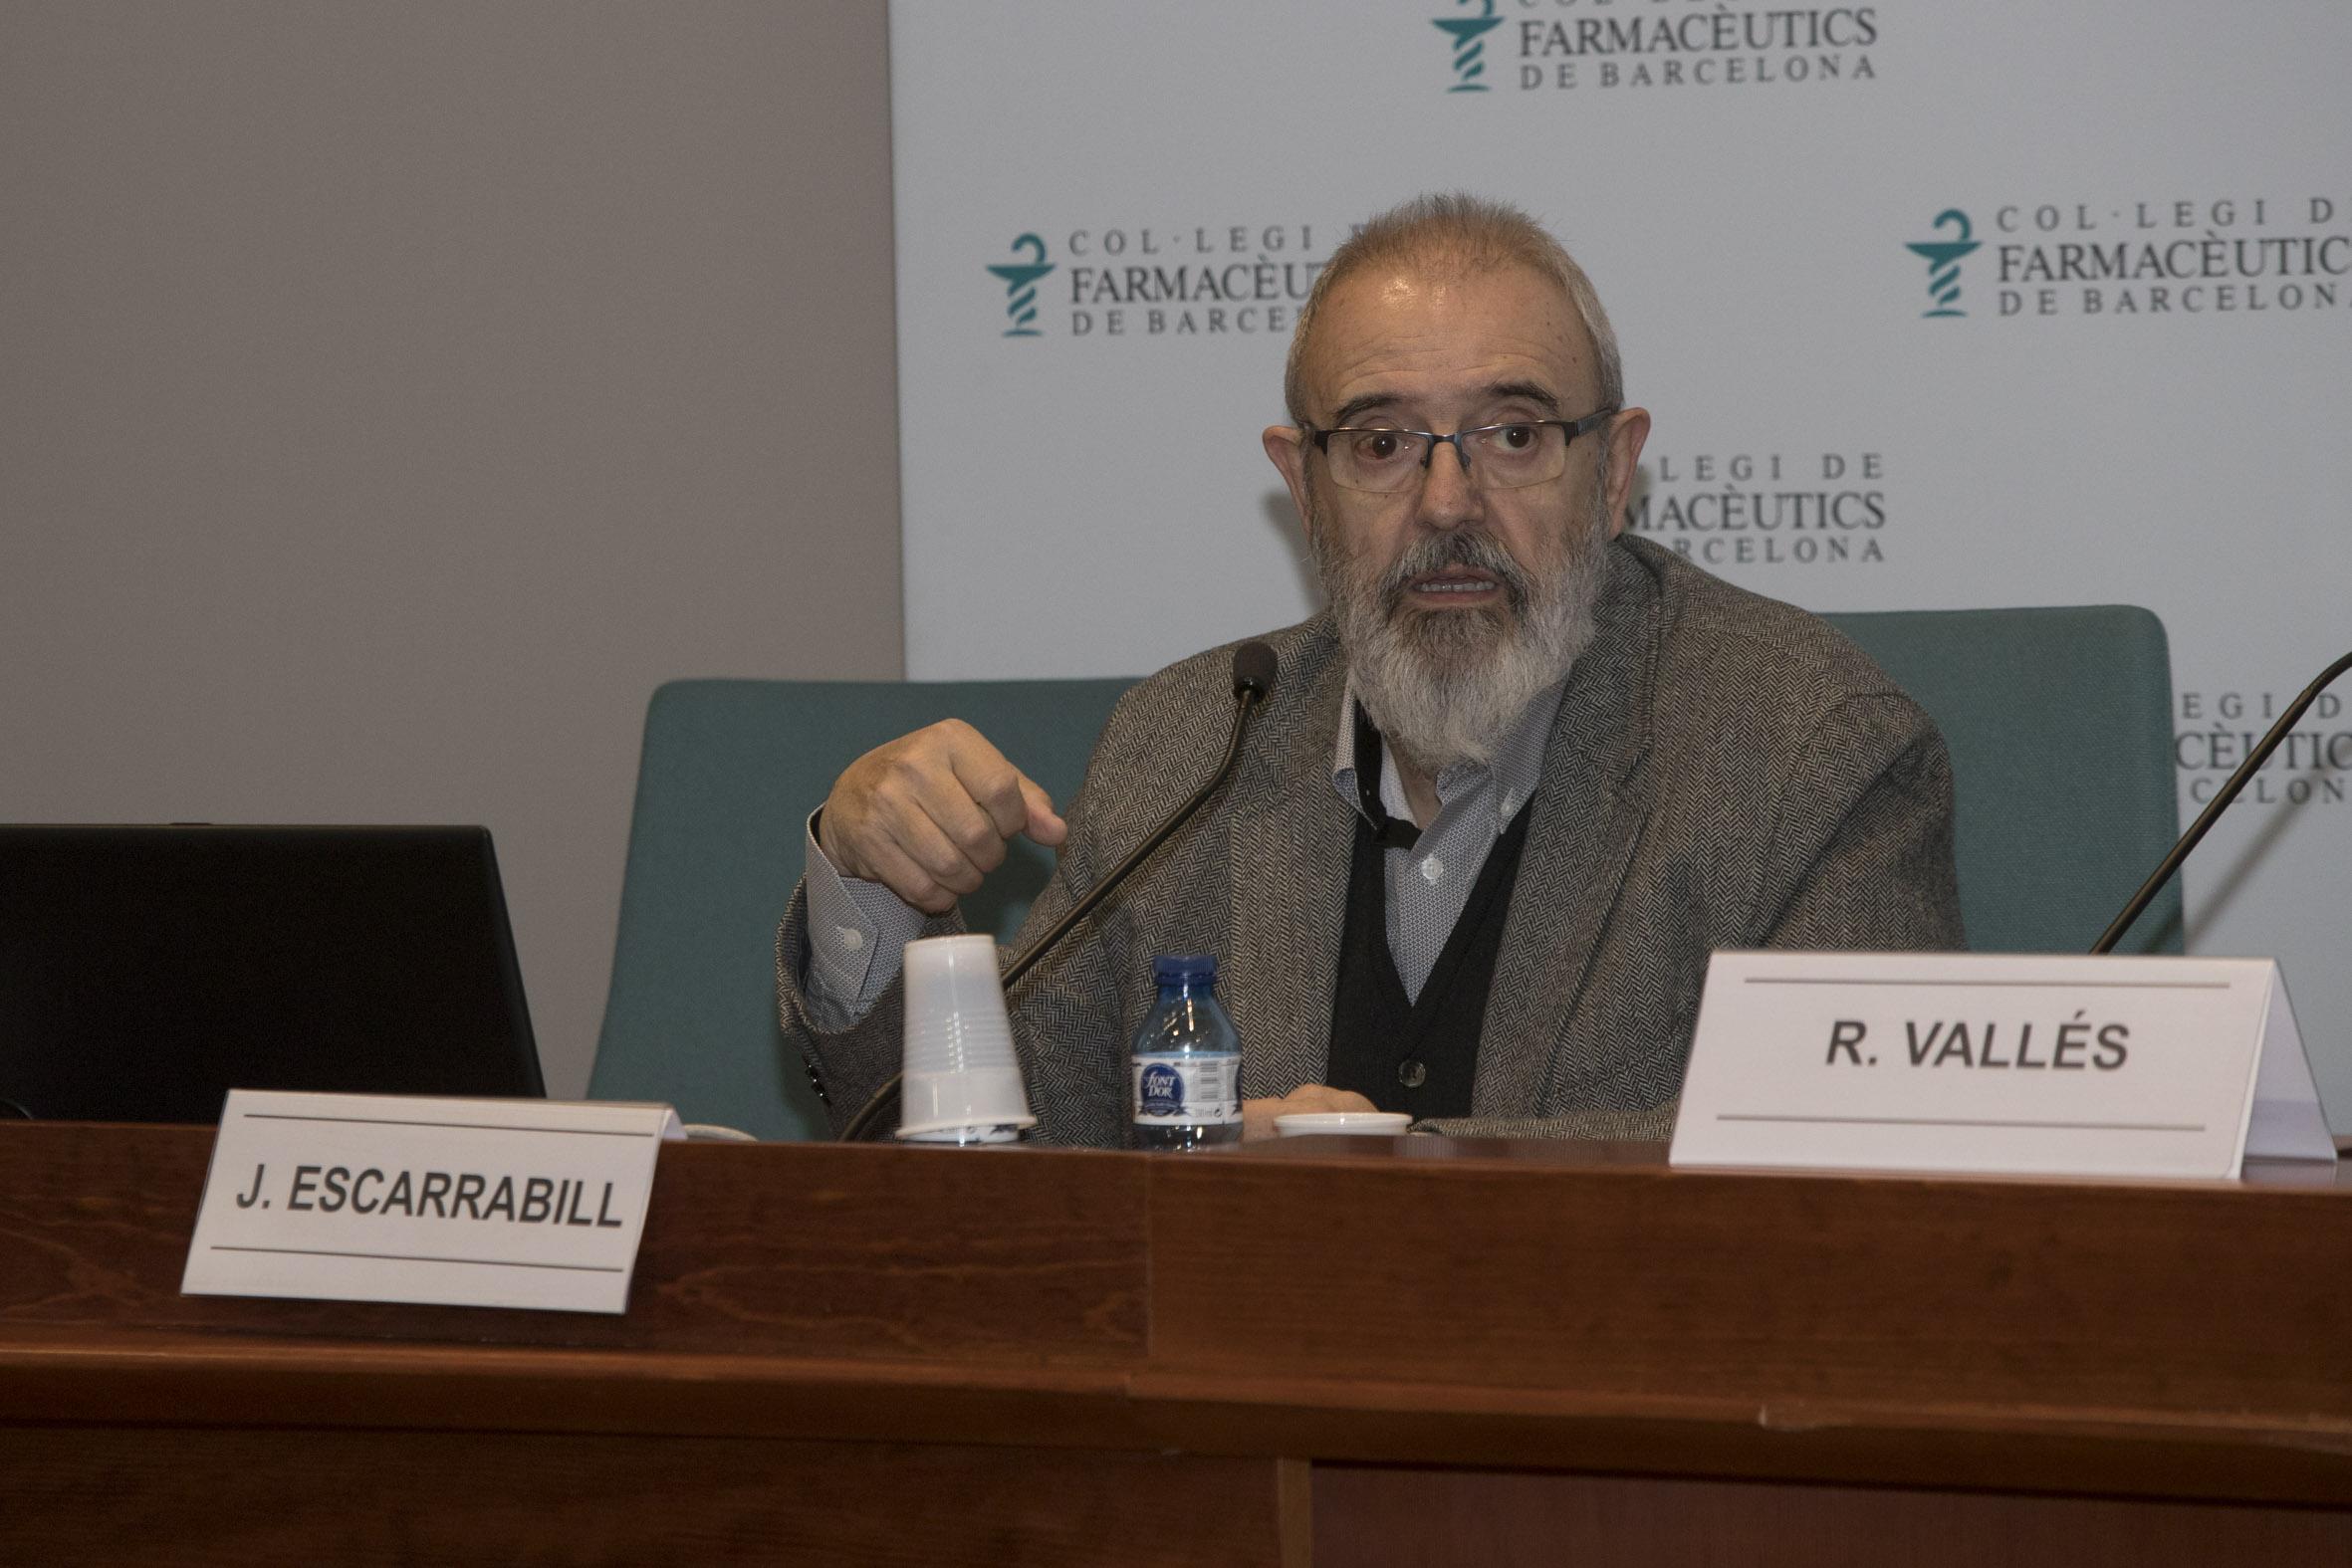 El Dr. Escarrabill, durant la seva conferència.